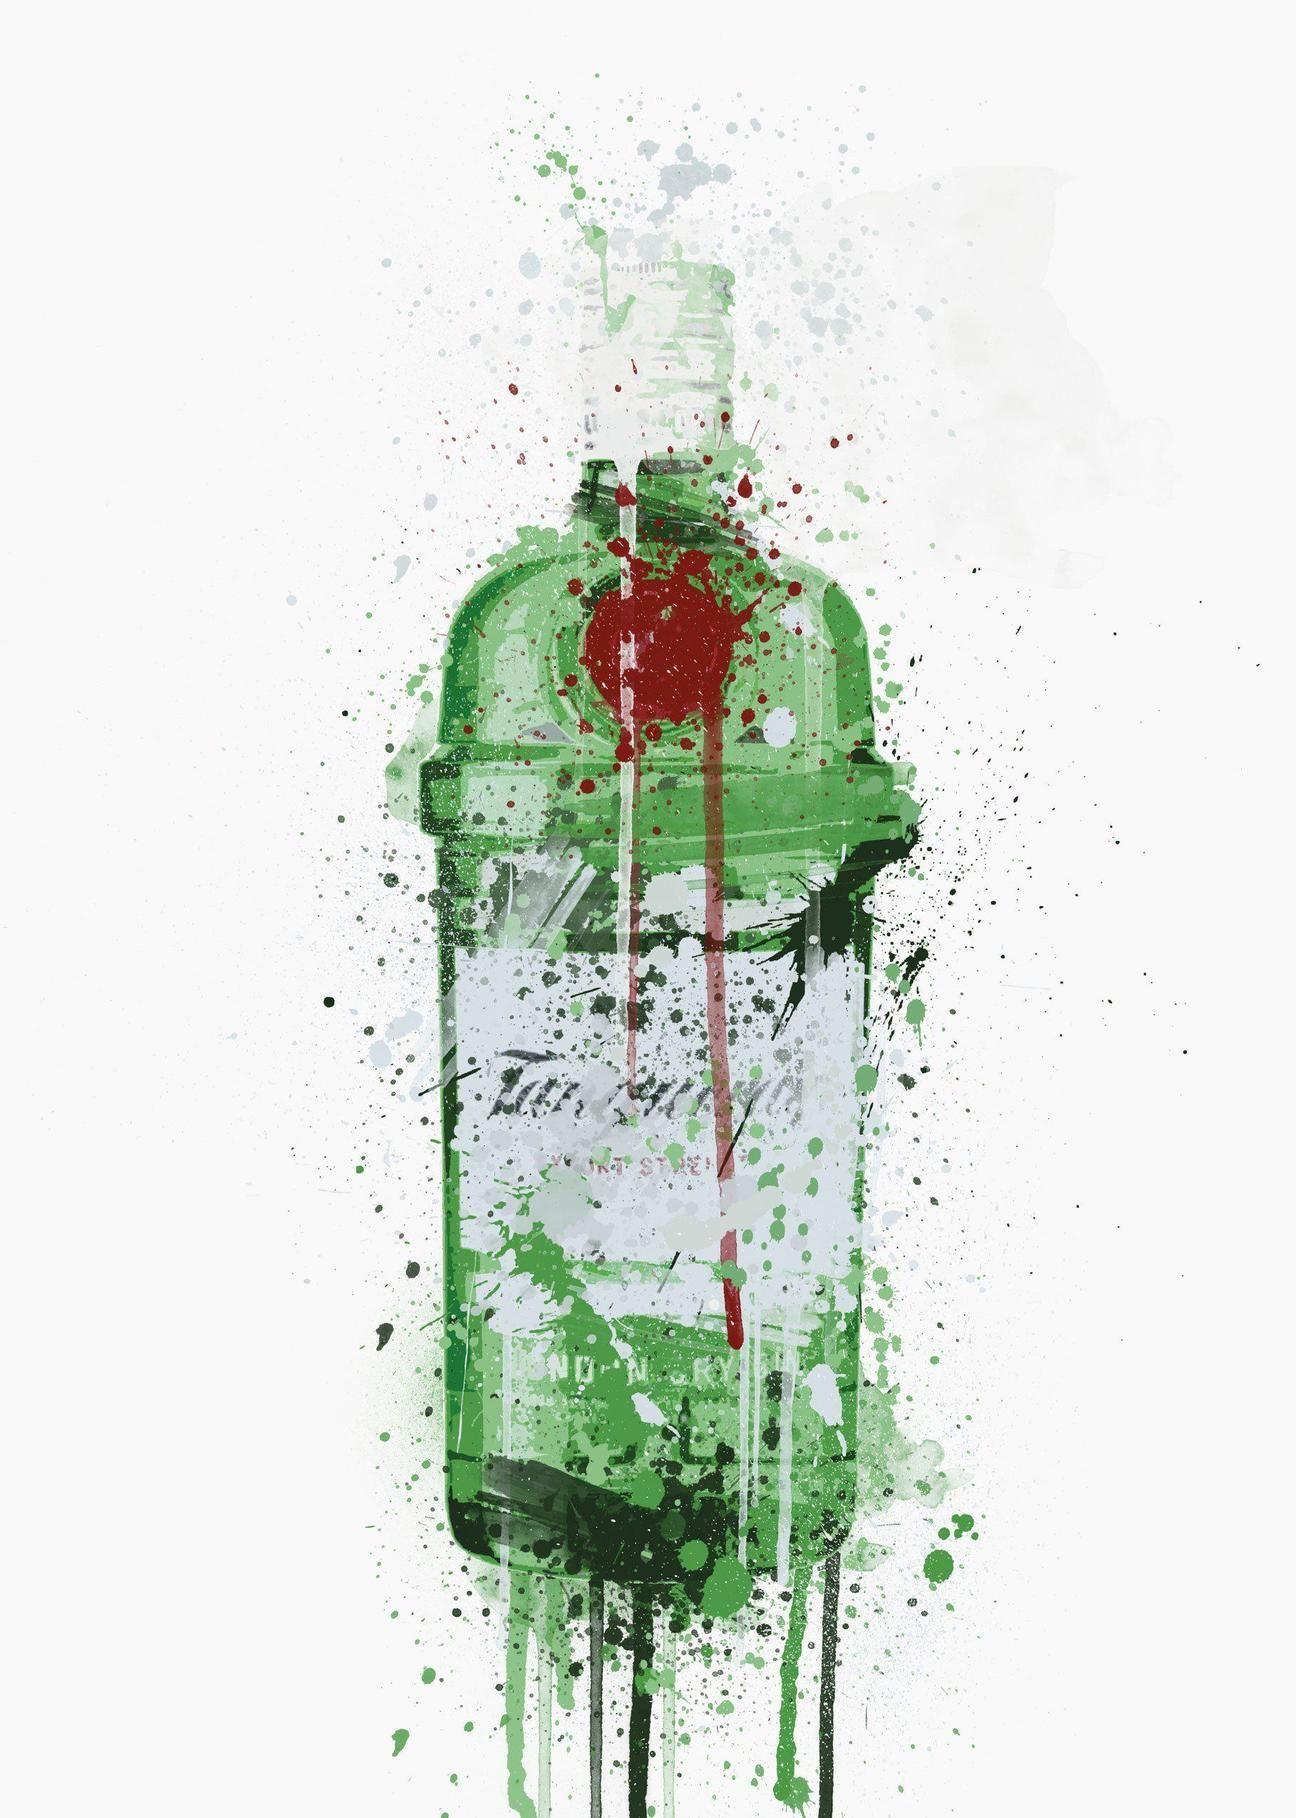 Watercolour Splatter Blue Blackberry Gin Bottle Wall Art Framed Print